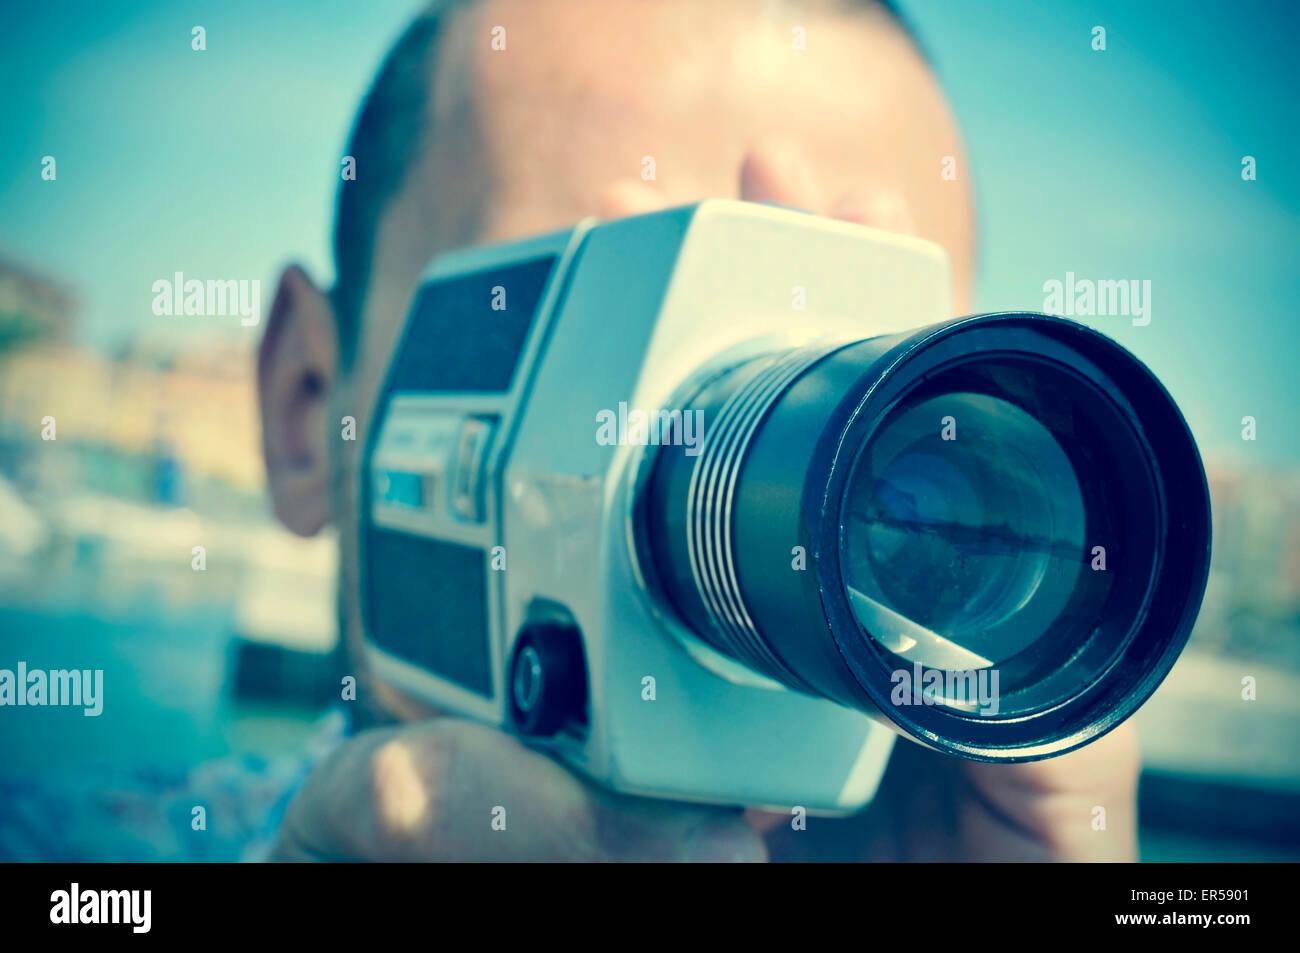 Primer plano de un joven hombre caucásico filmar con una cámara de película retro en el exterior Imagen De Stock